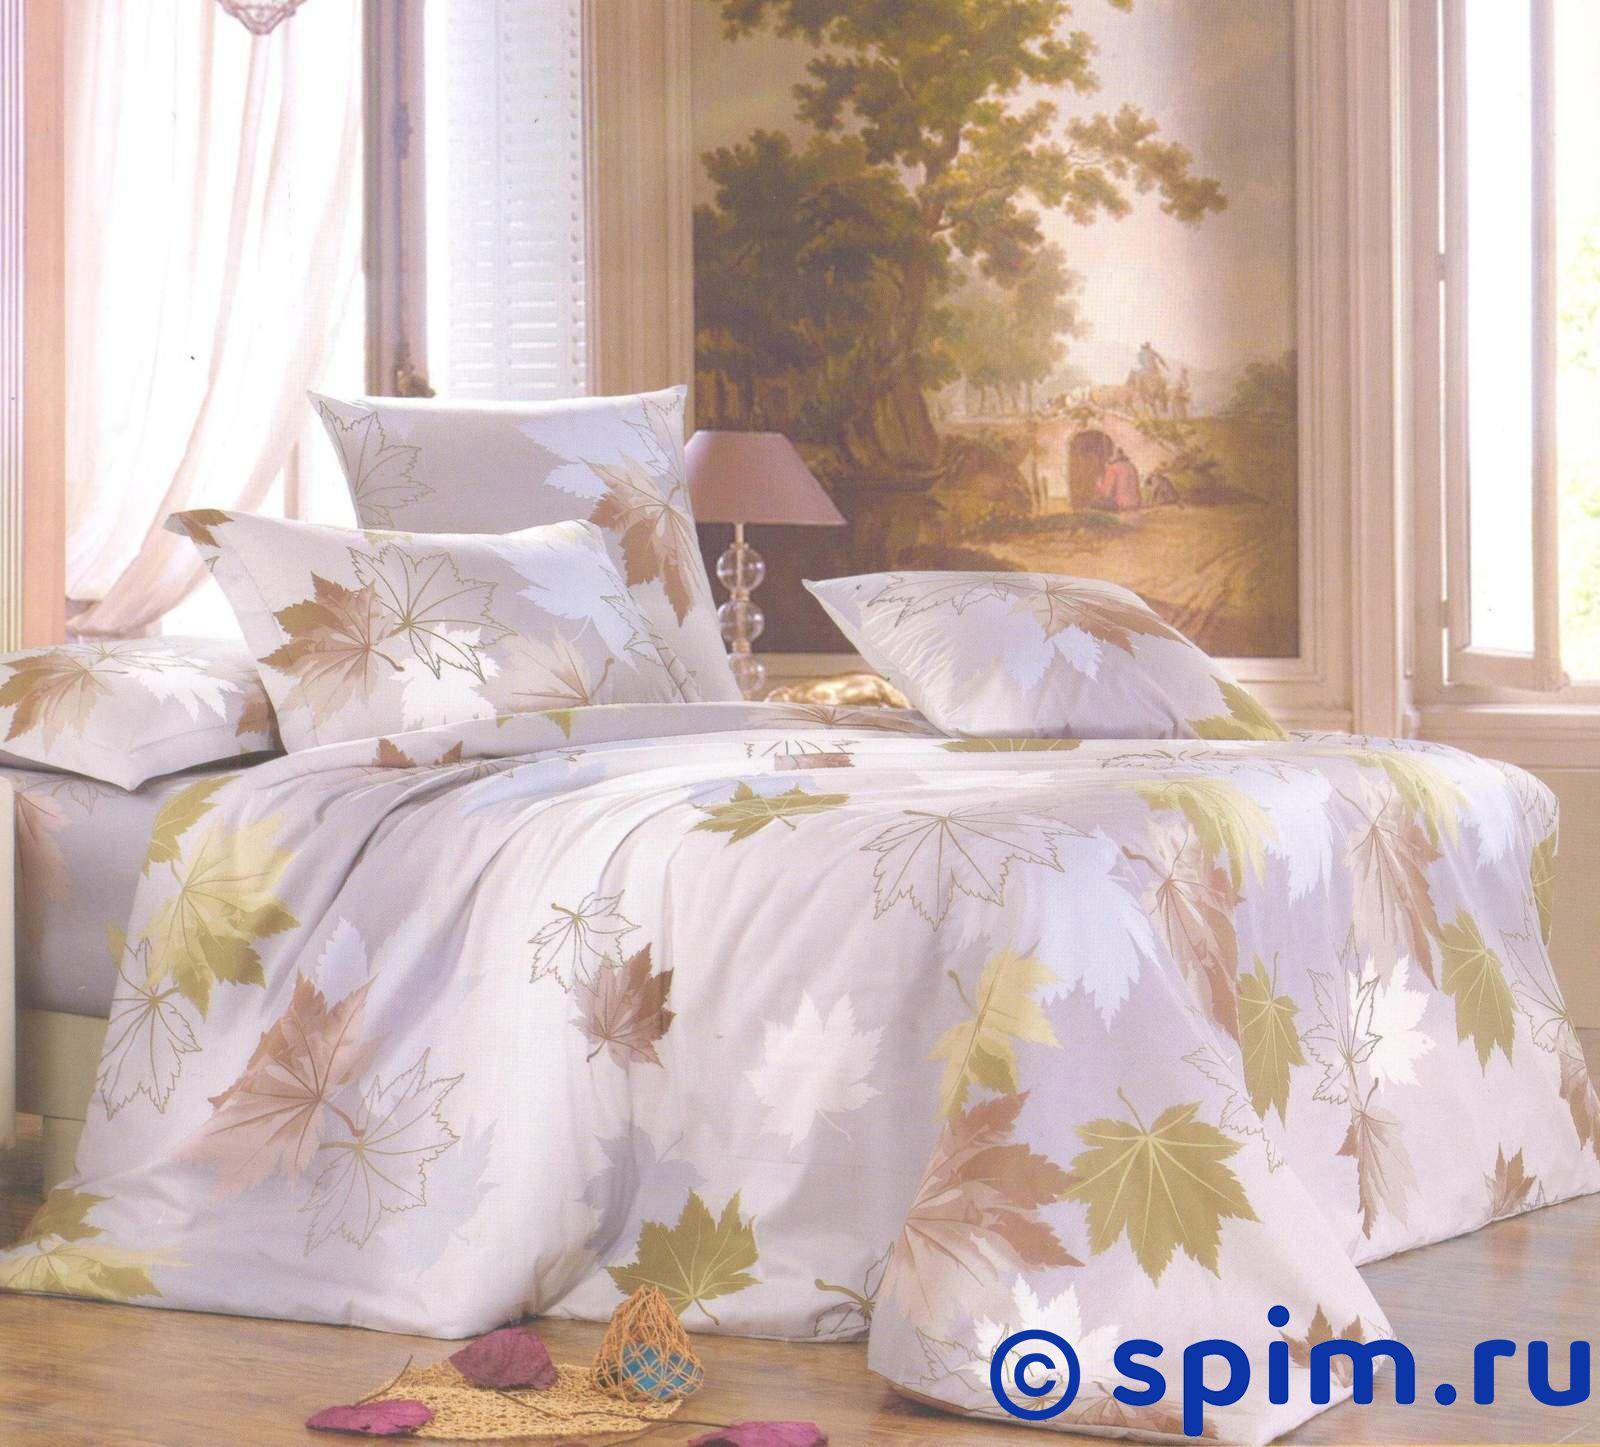 Комплект СайлиД А147 1.5 спальноеПостельное белье СайлиД<br>Материал: 100% хлопок (поплин). Плотность, г/м2: 125. Размер : 1.5 спальное<br><br>Размер: 1.5 спальное